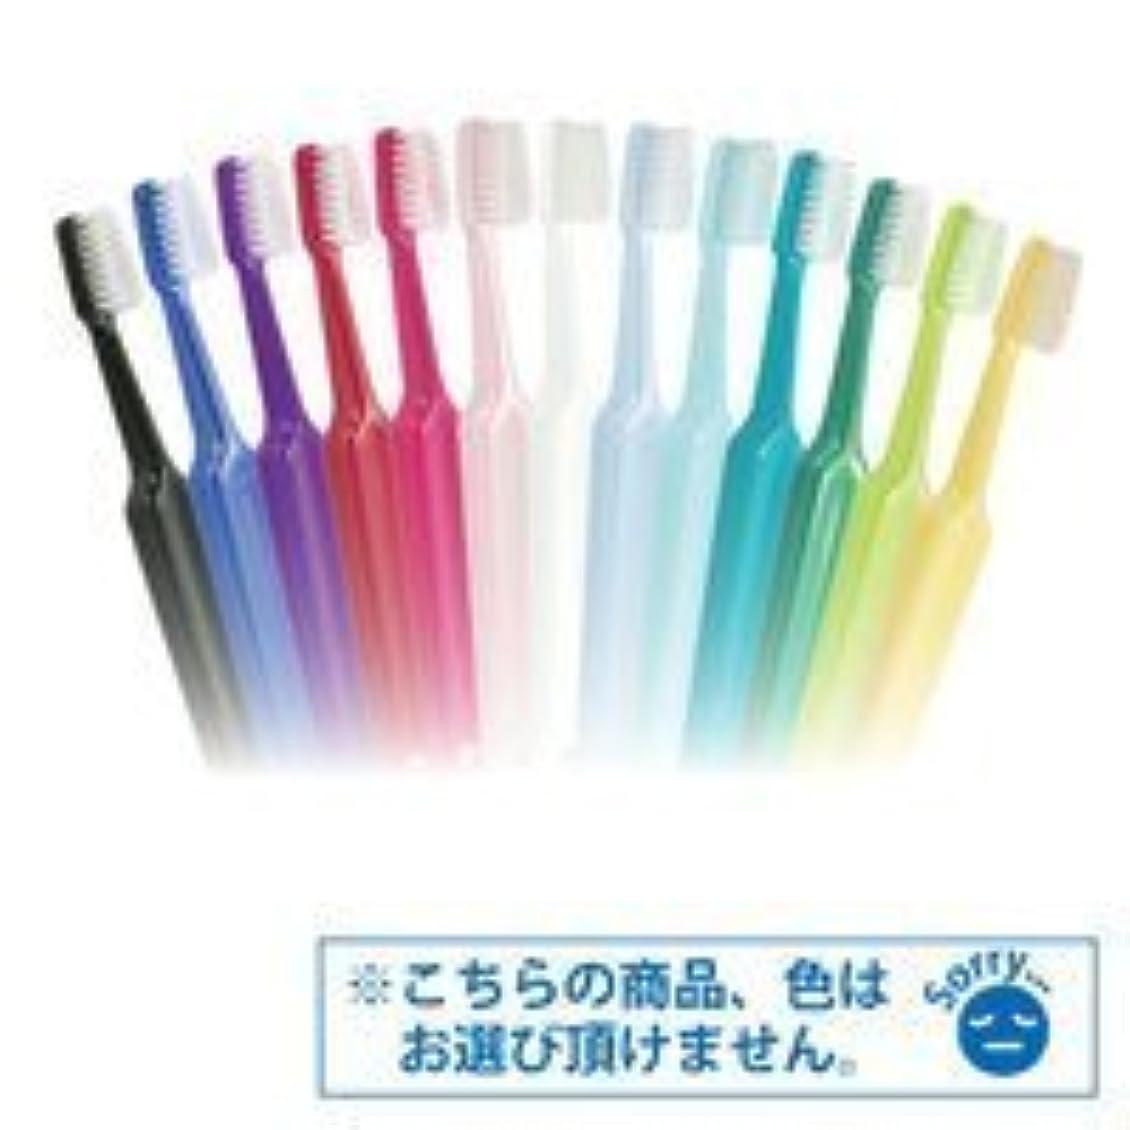 中級世界に死んだ許容Tepe歯ブラシ セレクトコンパクト/ミディアム 25本/箱